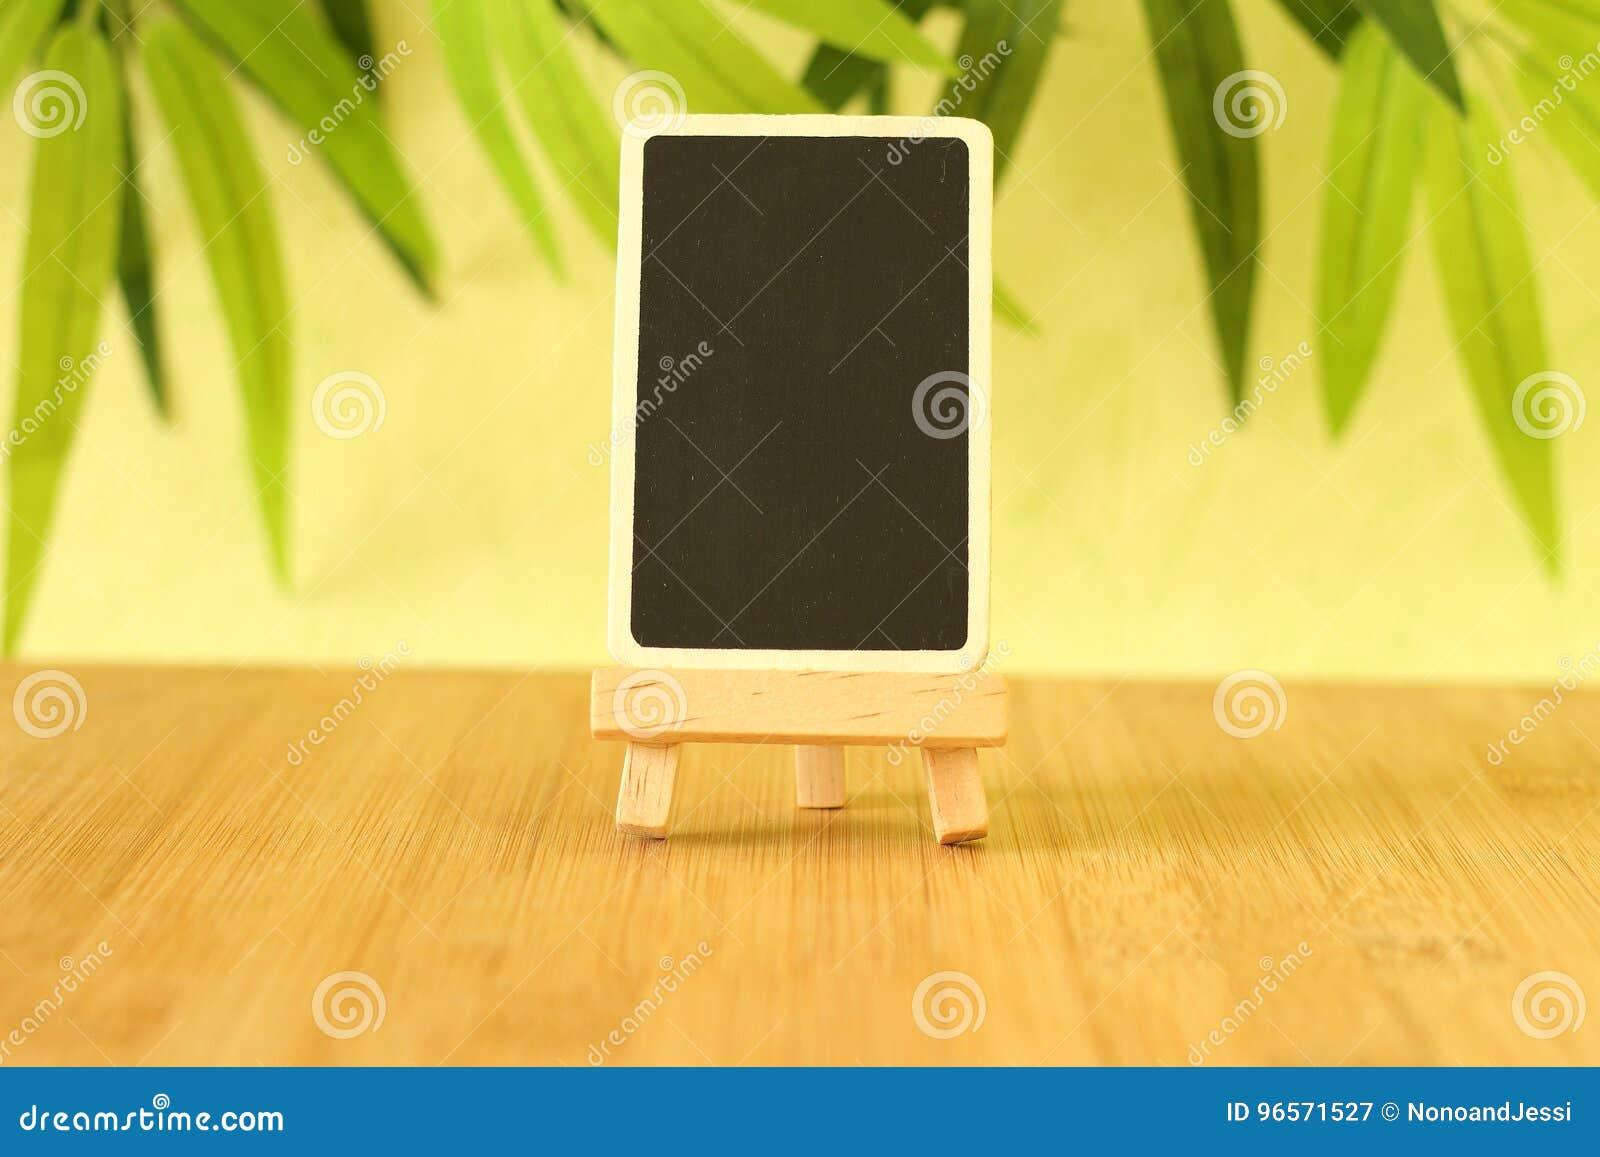 Vacie la pizarra en altura para escribir un mensaje que se plantee en un caballete todo en piso de madera y fondo verde del folla